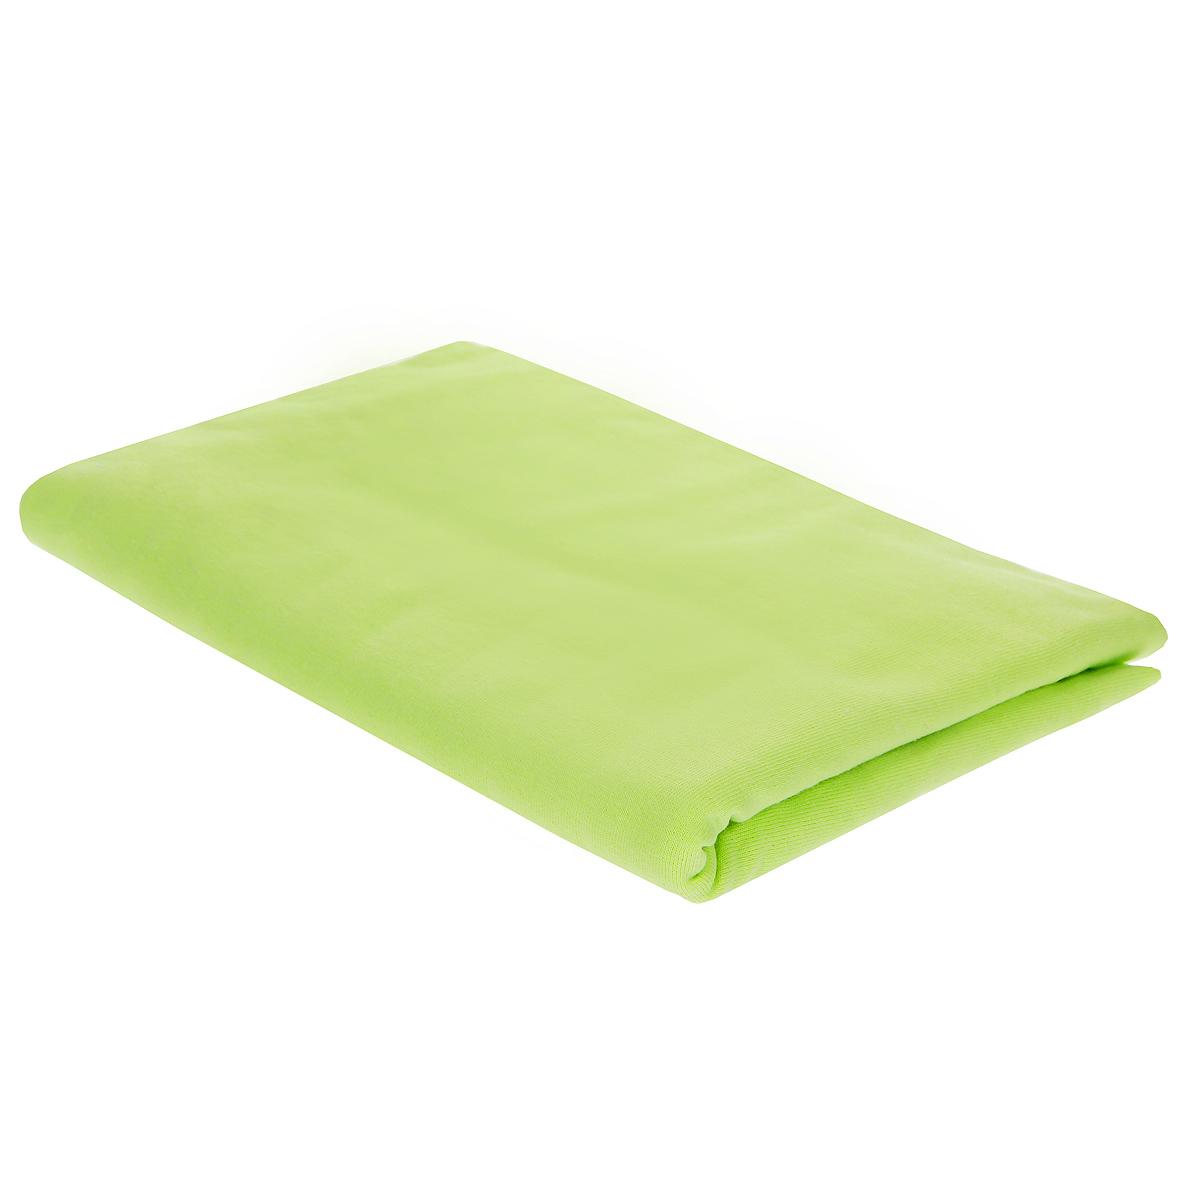 Пеленка трикотажная Трон-Плюс, цвет: салатовый, 120 см х 90 см5401 сДетская пеленка Трон-Плюс подходит для пеленания ребенка с самого рождения. Она невероятно мягкая и нежная на ощупь. Пеленка выполнена из кулирки - тонкого трикотажного материала из хлопка гладкого покроя. Такая ткань прекрасно дышит, она гипоаллергенна, почти не мнется и не теряет формы после стирки. Мягкая ткань укутывает малыша с необычайной нежностью. Пеленку также можно использовать как легкое одеяло в жаркую погоду, простынку, полотенце после купания, накидку для кормления грудью или солнцезащитный козырек. Ее размер подходит для пеленания даже крупного малыша. Характеристики: Размер пеленки: 120 см x 90 см.